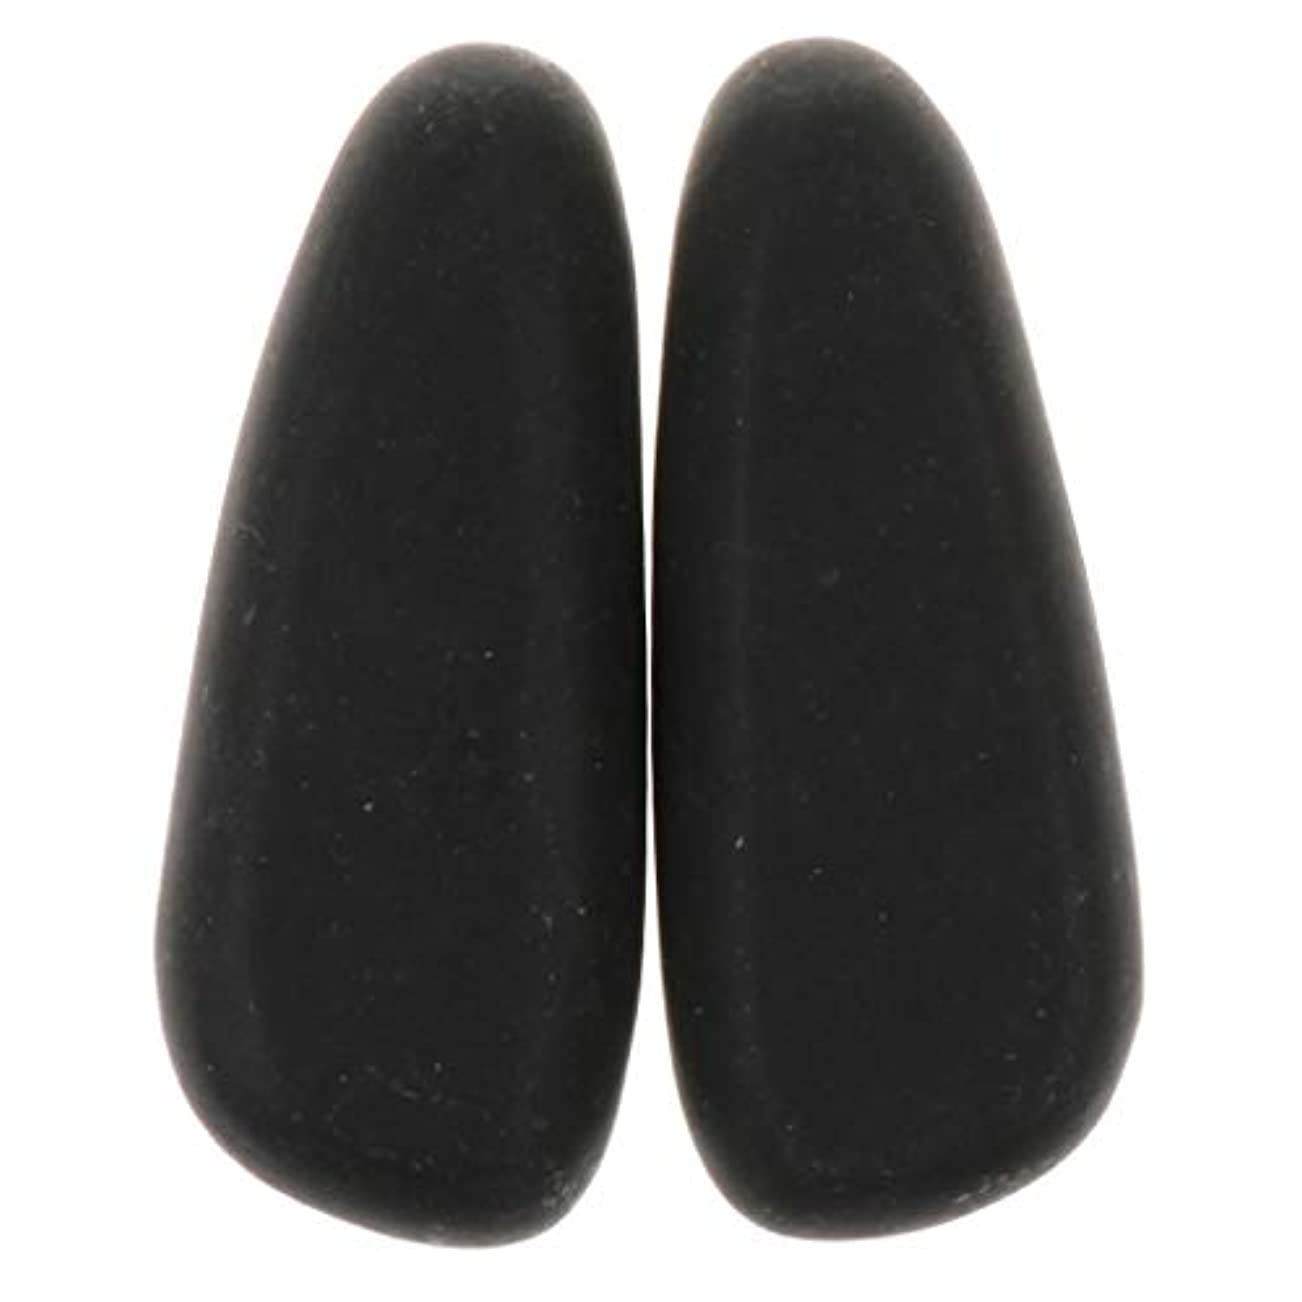 槍乙女批判Hellery マッサージストーン 天然石ホットストーン マッサージ用玄武岩 SPA ツボ押しグッズ 2個 全2サイズ - 8×3.2×2cm